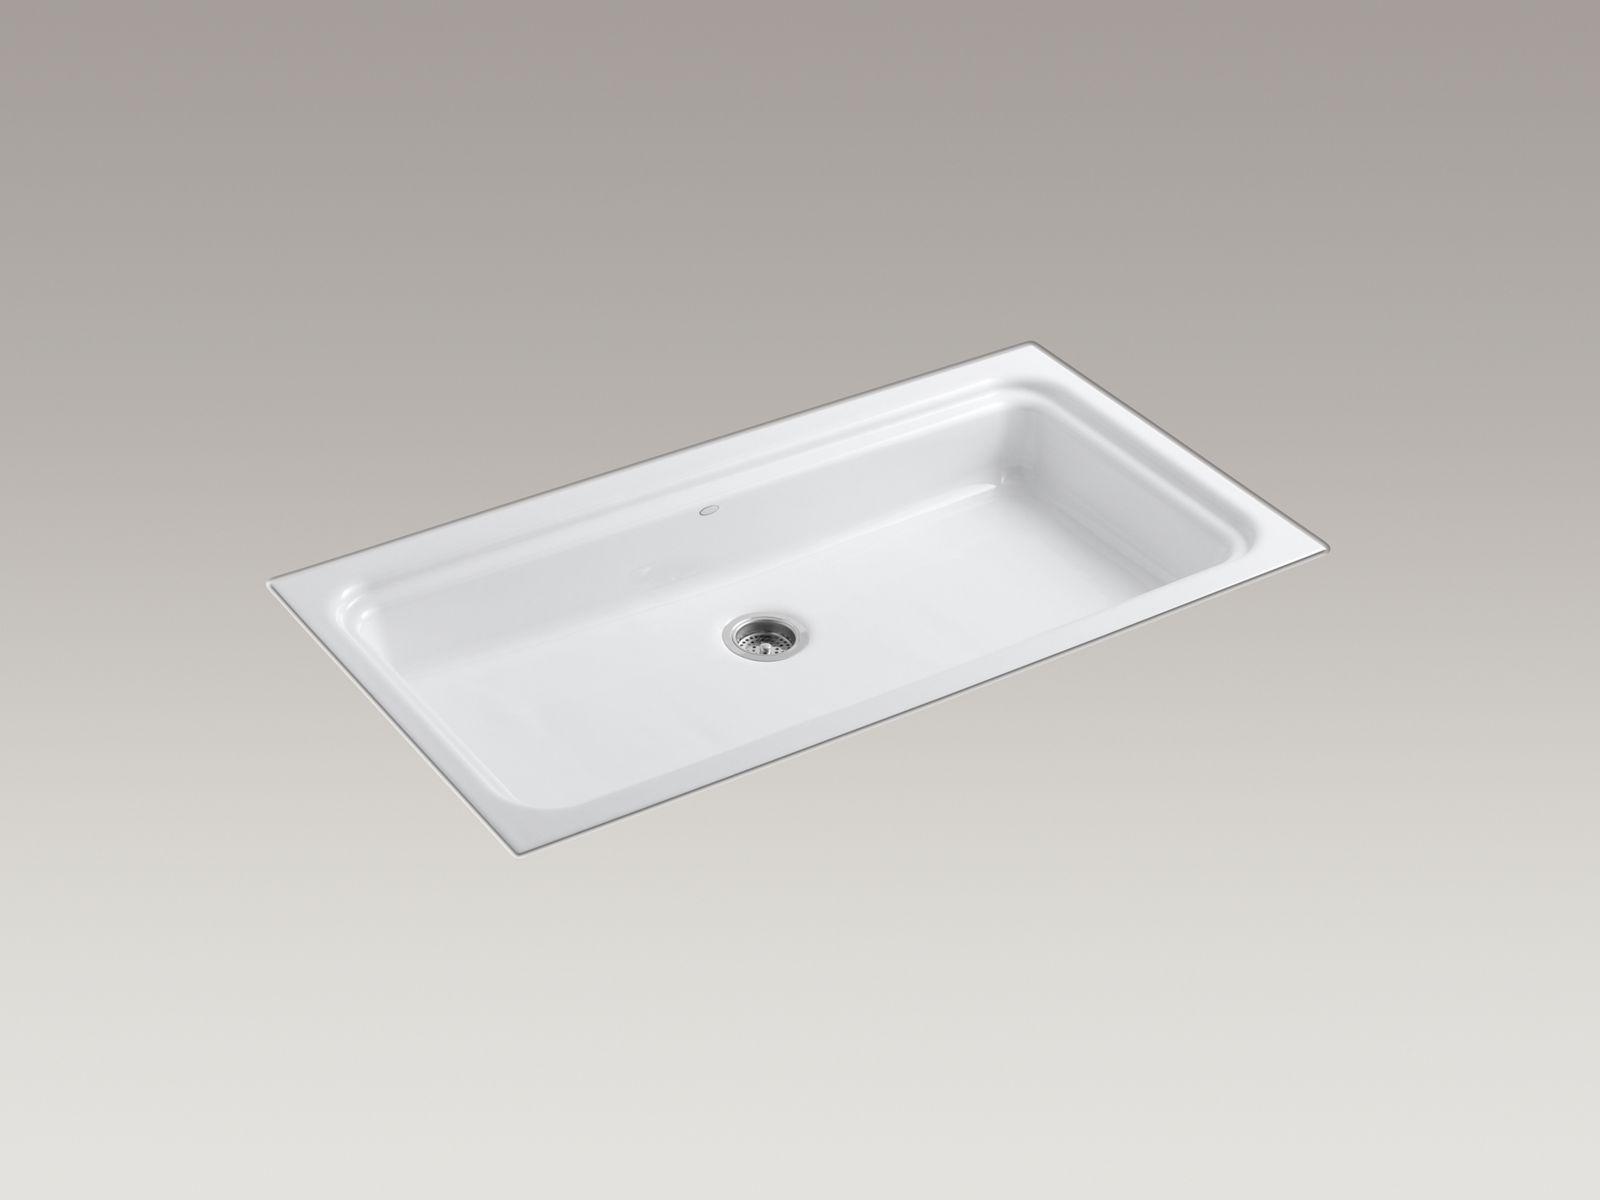 Superbe Oceanview Tile In Utility Sink | K 6606 | KOHLER